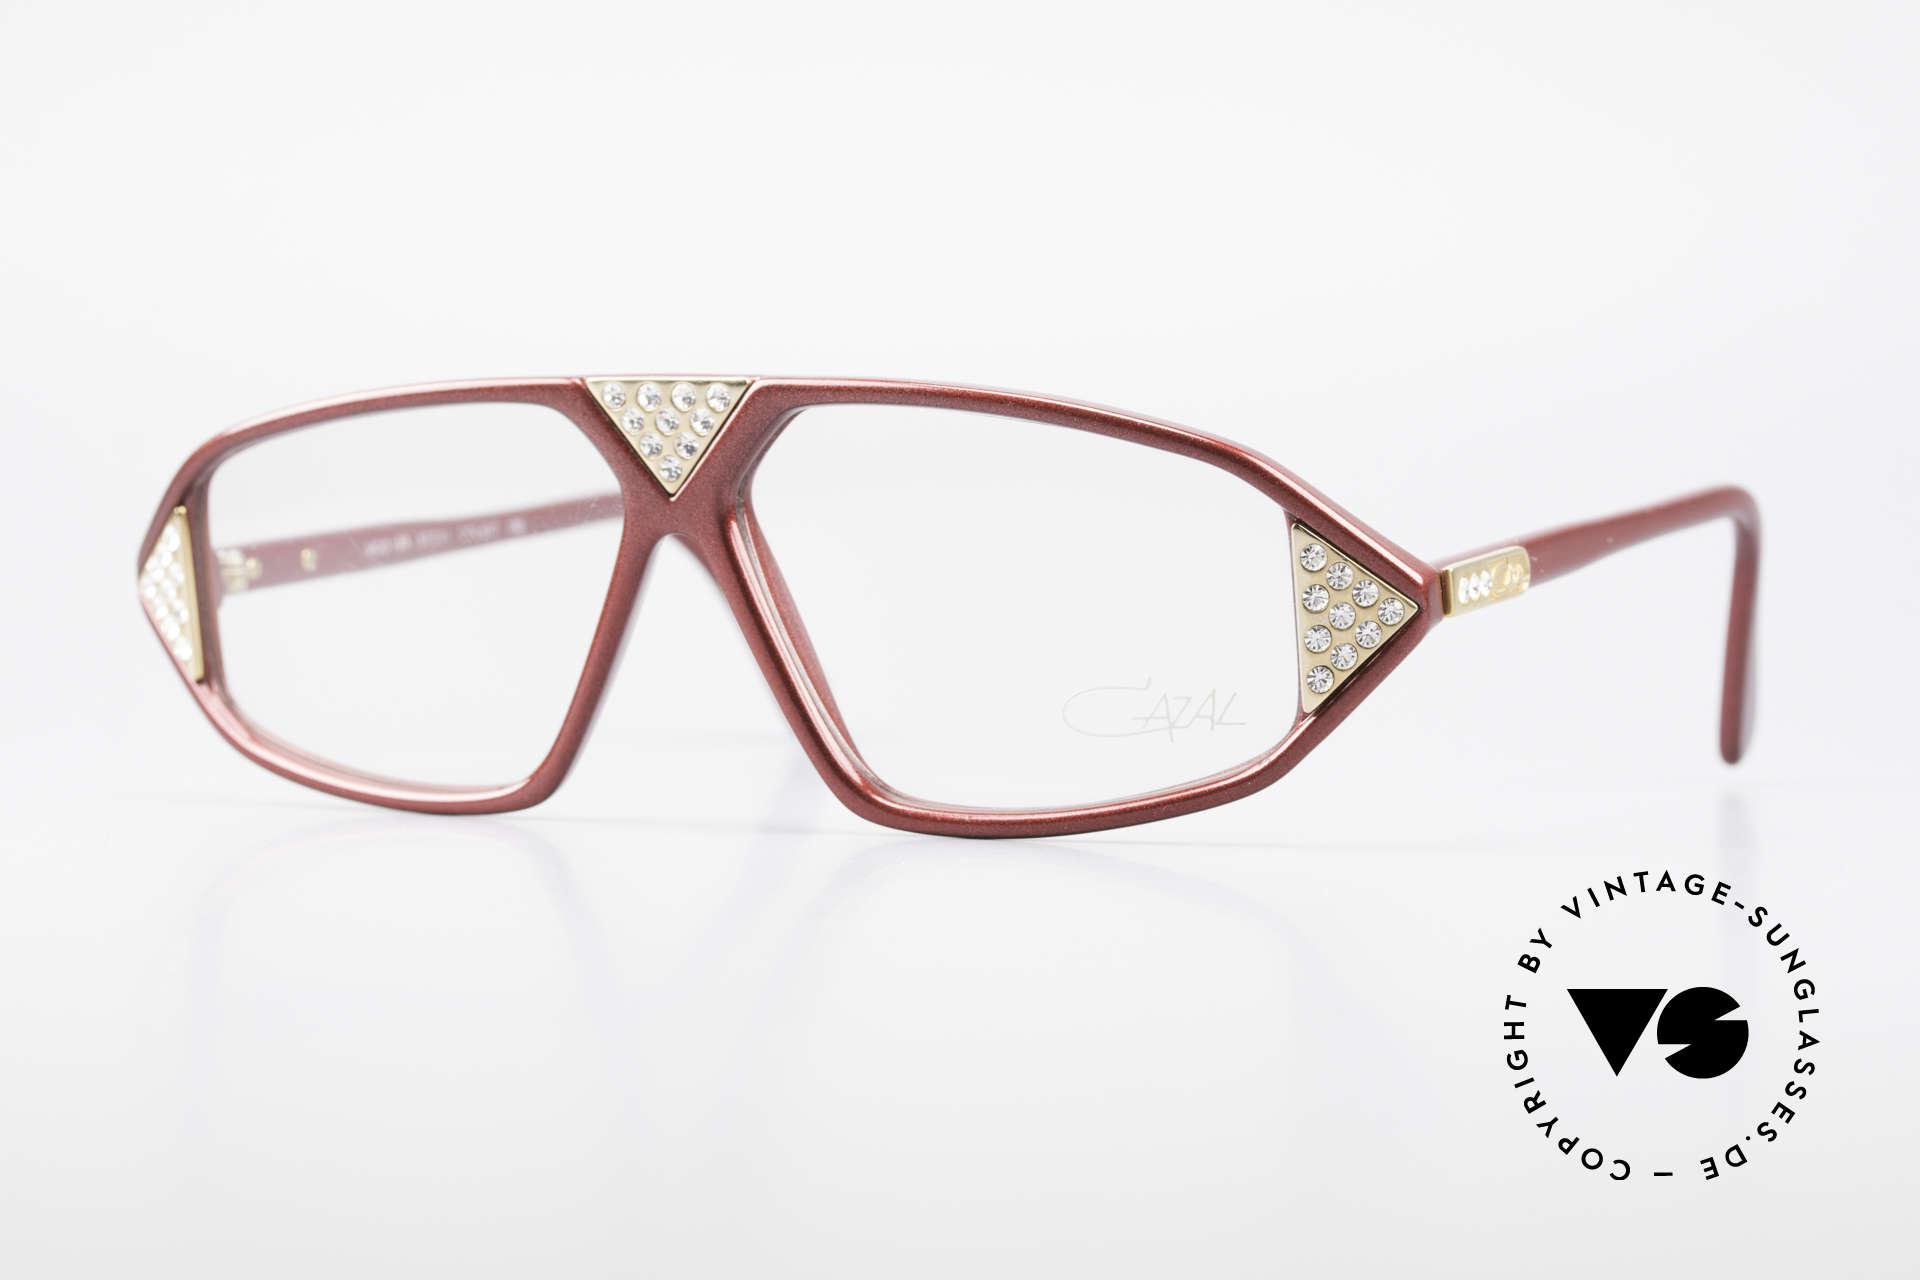 Cazal 199 80's Rhinestone Eyeglasses, rare CAZAL designer eyeglasses for women, Made for Women